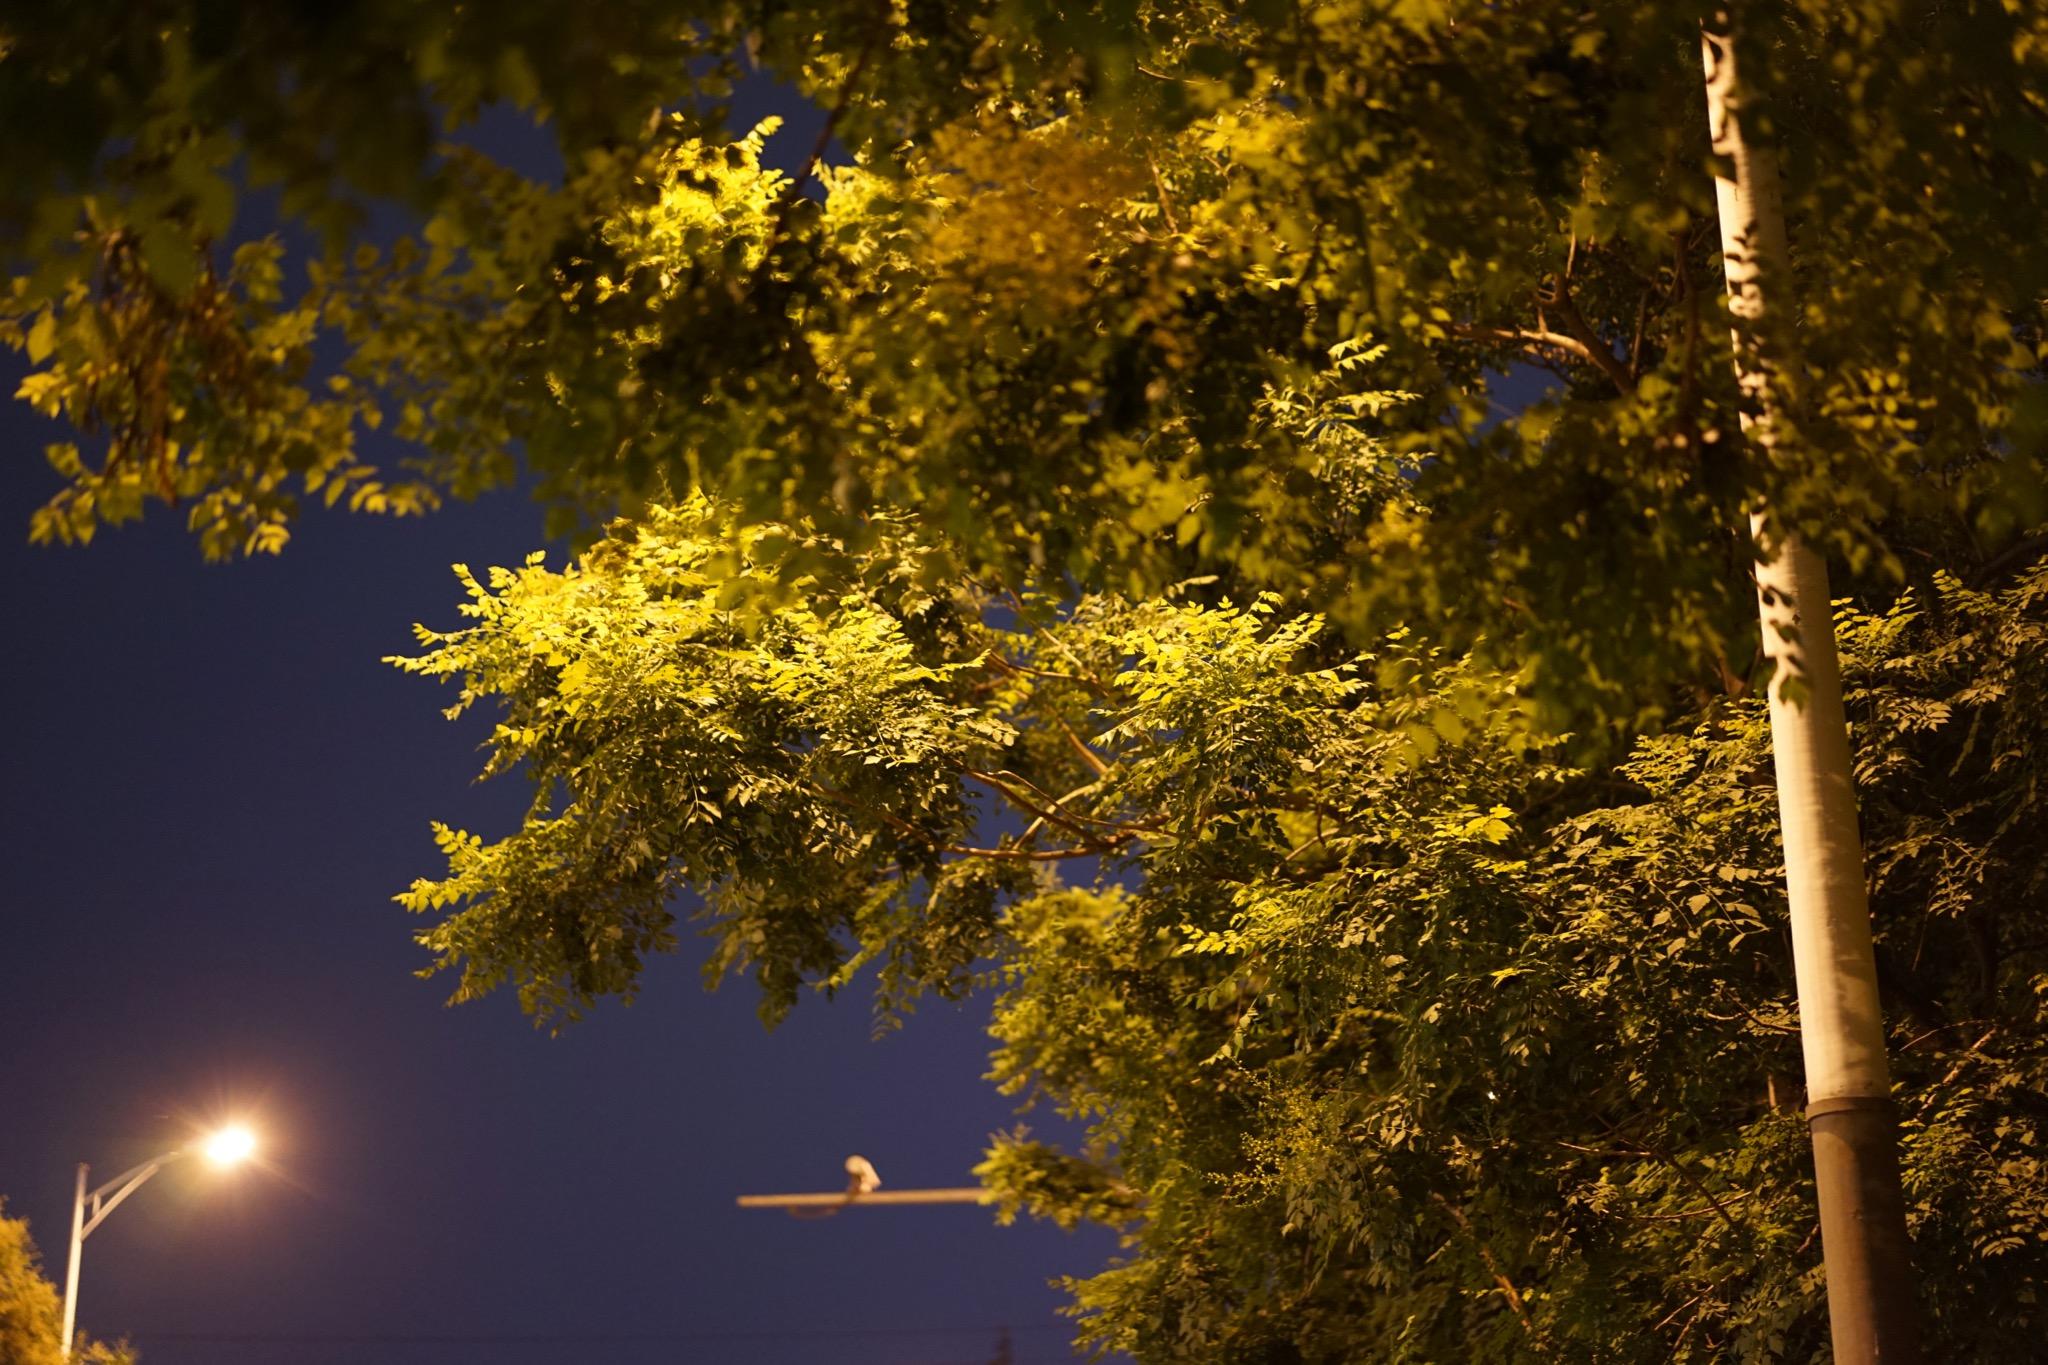 西二旗大街上的树